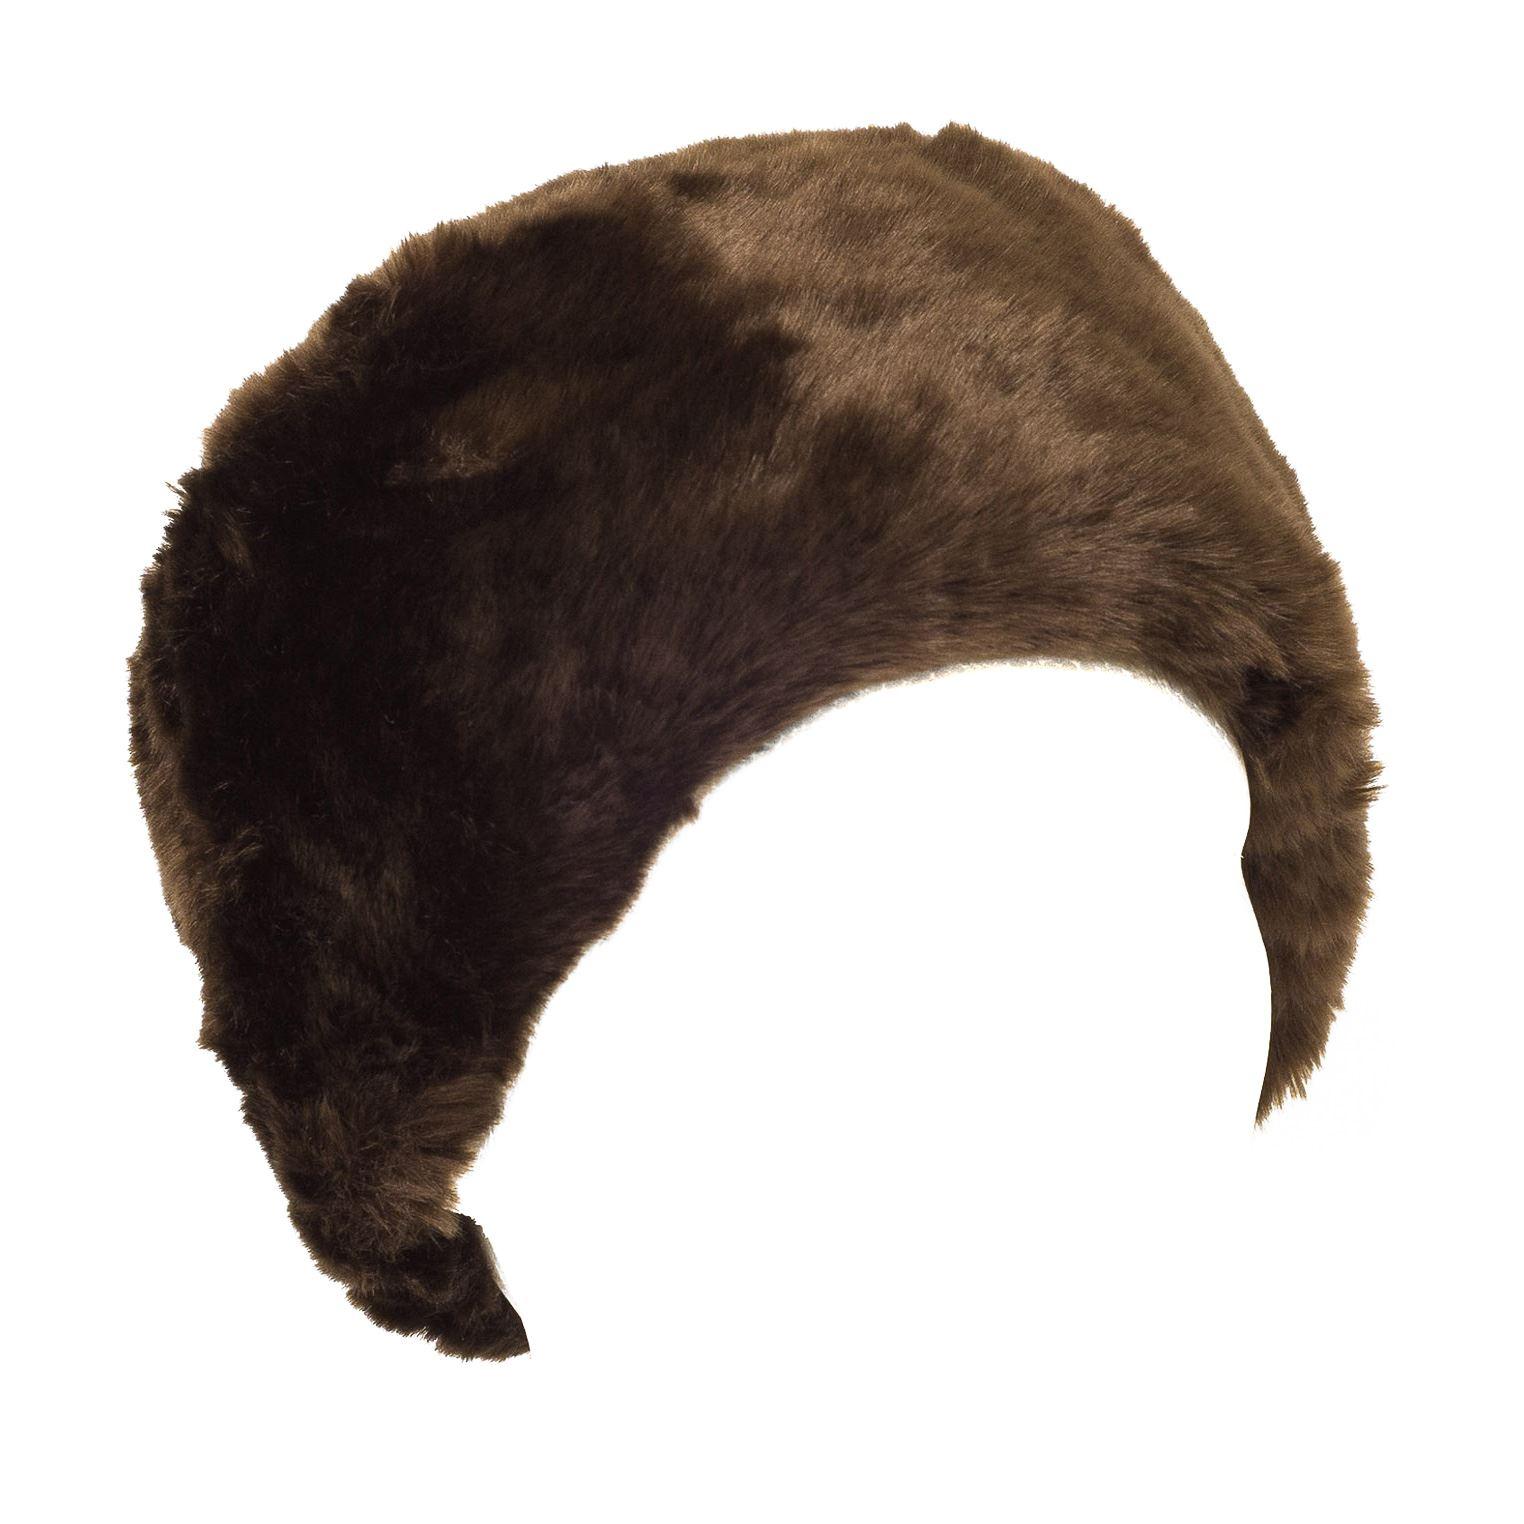 unisexe hommes filles femmes chapeau russe cosaque en fausse fourrure hiver ebay. Black Bedroom Furniture Sets. Home Design Ideas